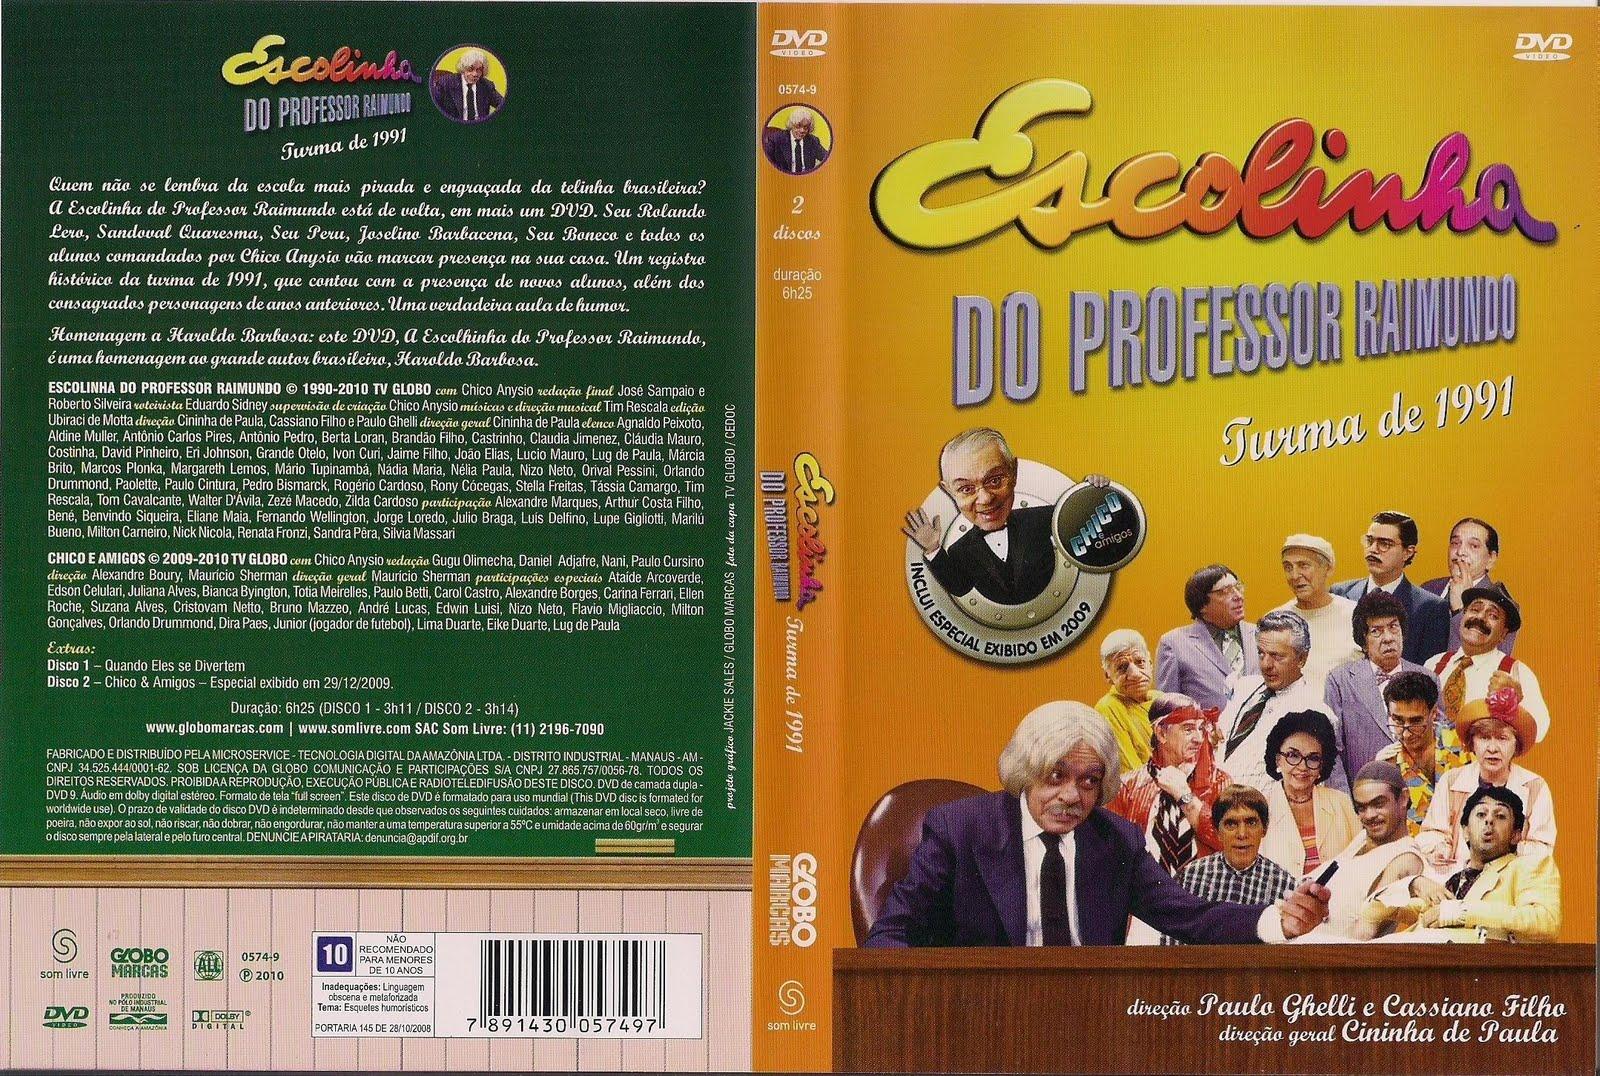 dvd a escolinha do professor raimundo turma de 1991